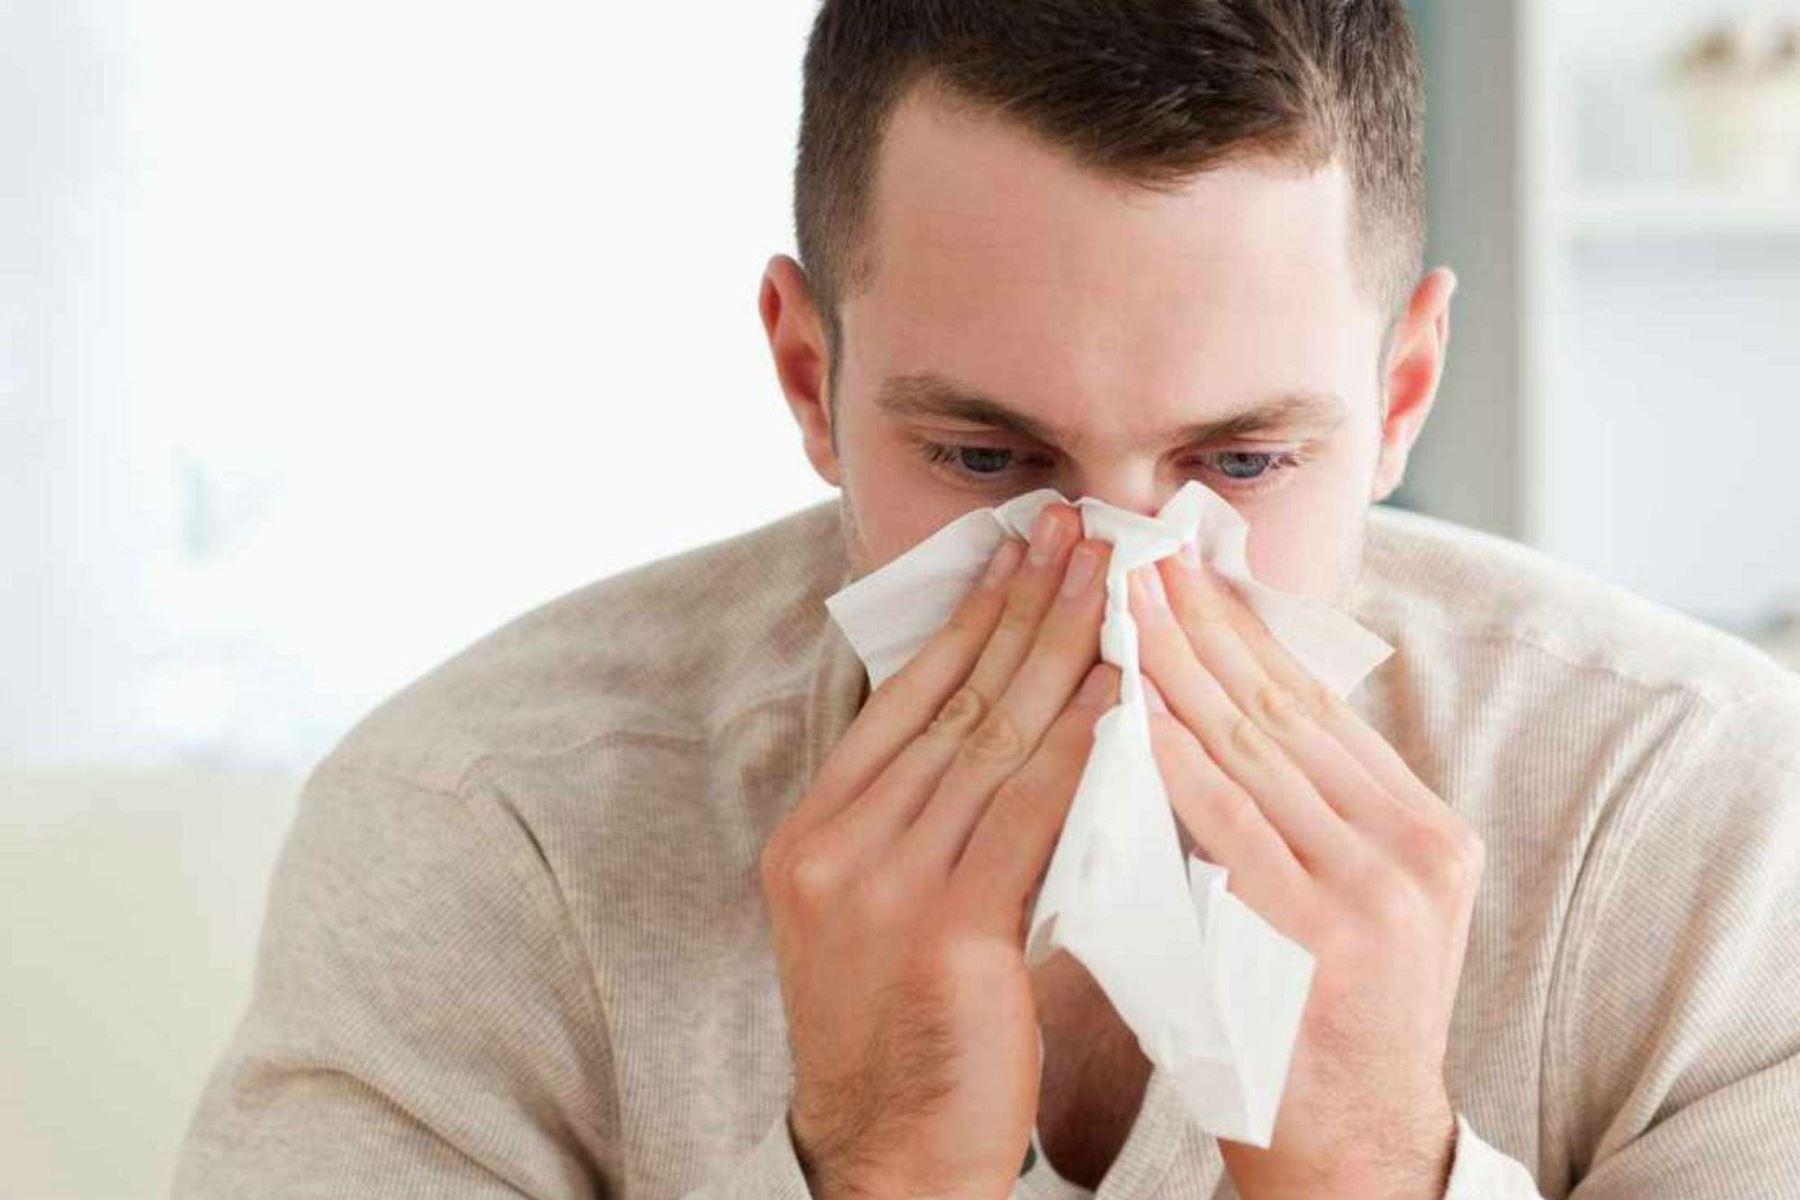 Enfermedades inmunológicas asociadas a la alergia como el asma y la rinitis se desencadenan en esta época del año por el frío. ANDINA/Difusión